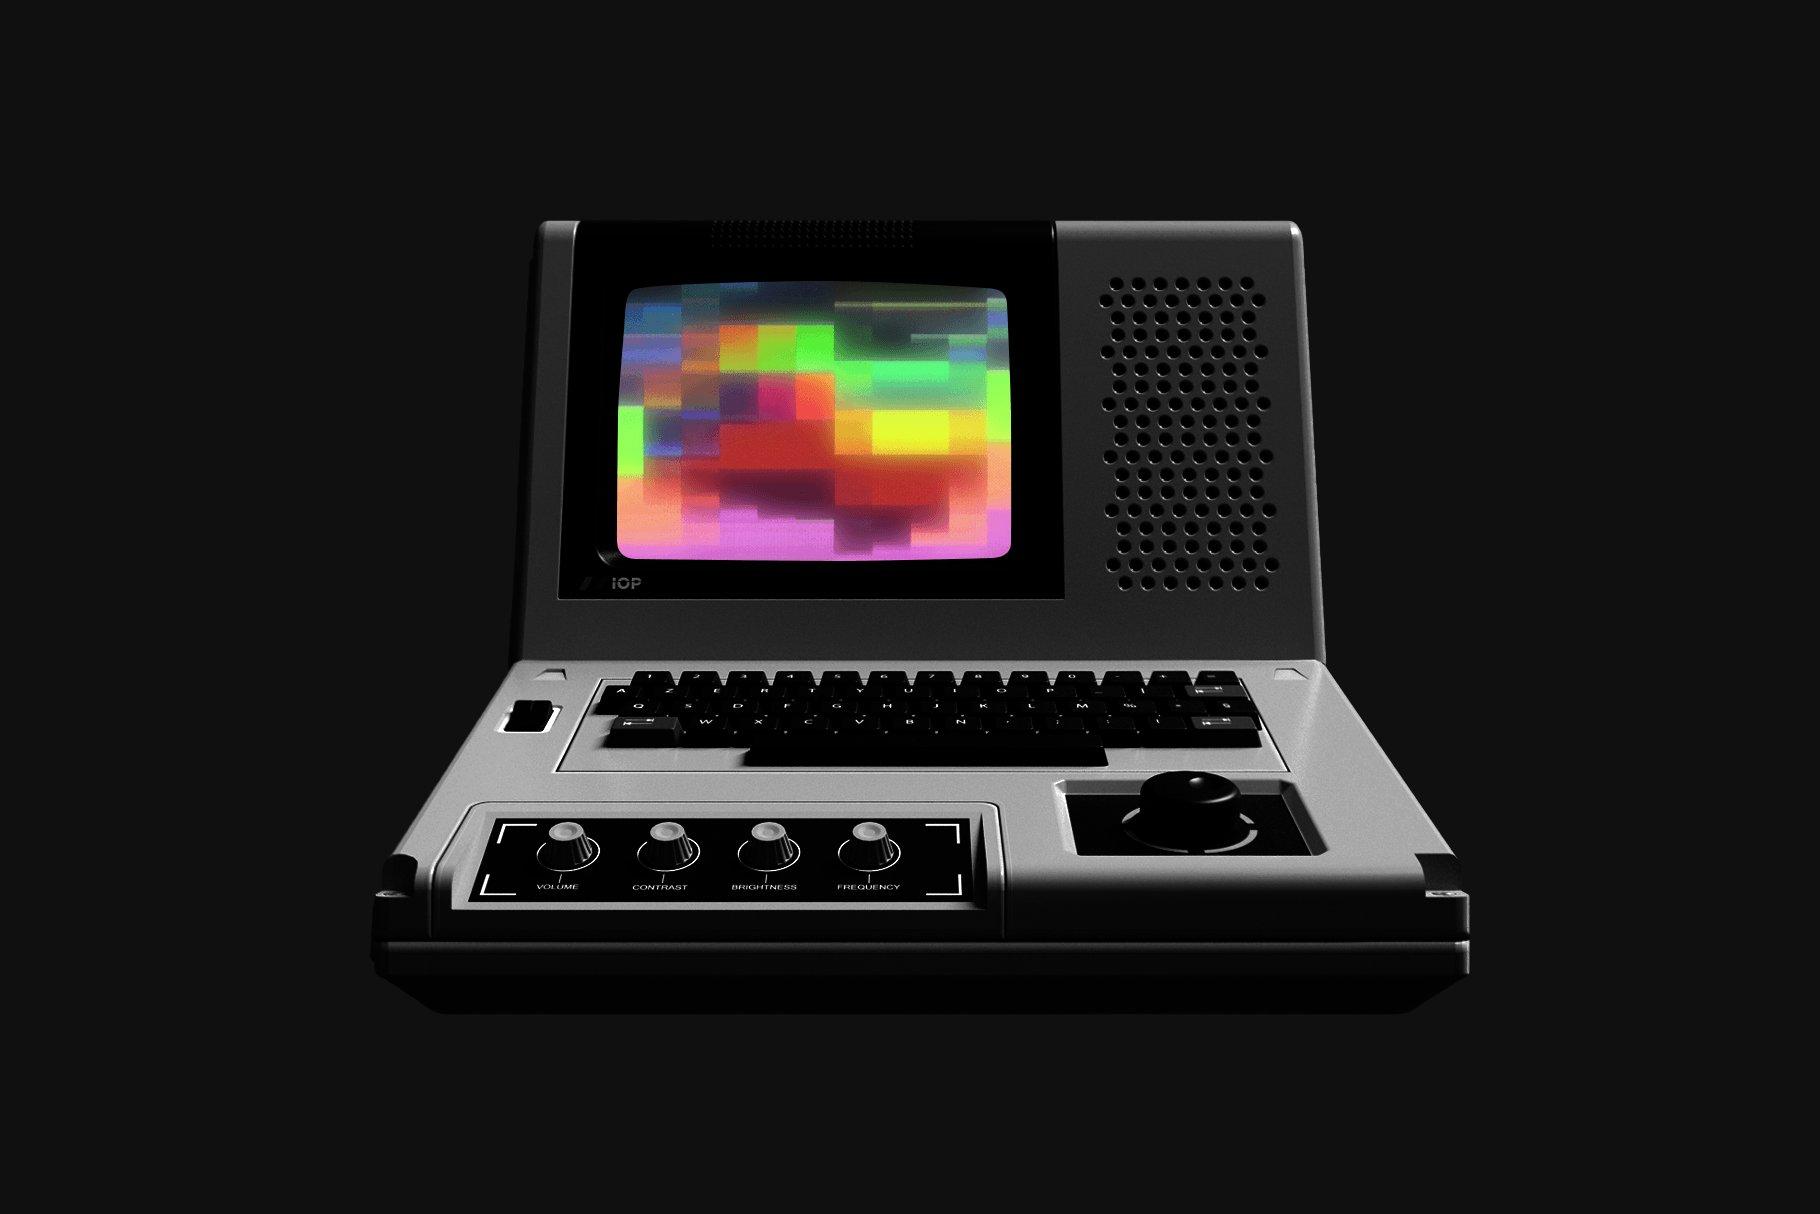 [单独购买] 潮流故障颗粒网格渐变VHS样式纹理背景图片视频设计素材套装 Studio 2am – Sensory – Retro Animated Textures插图1